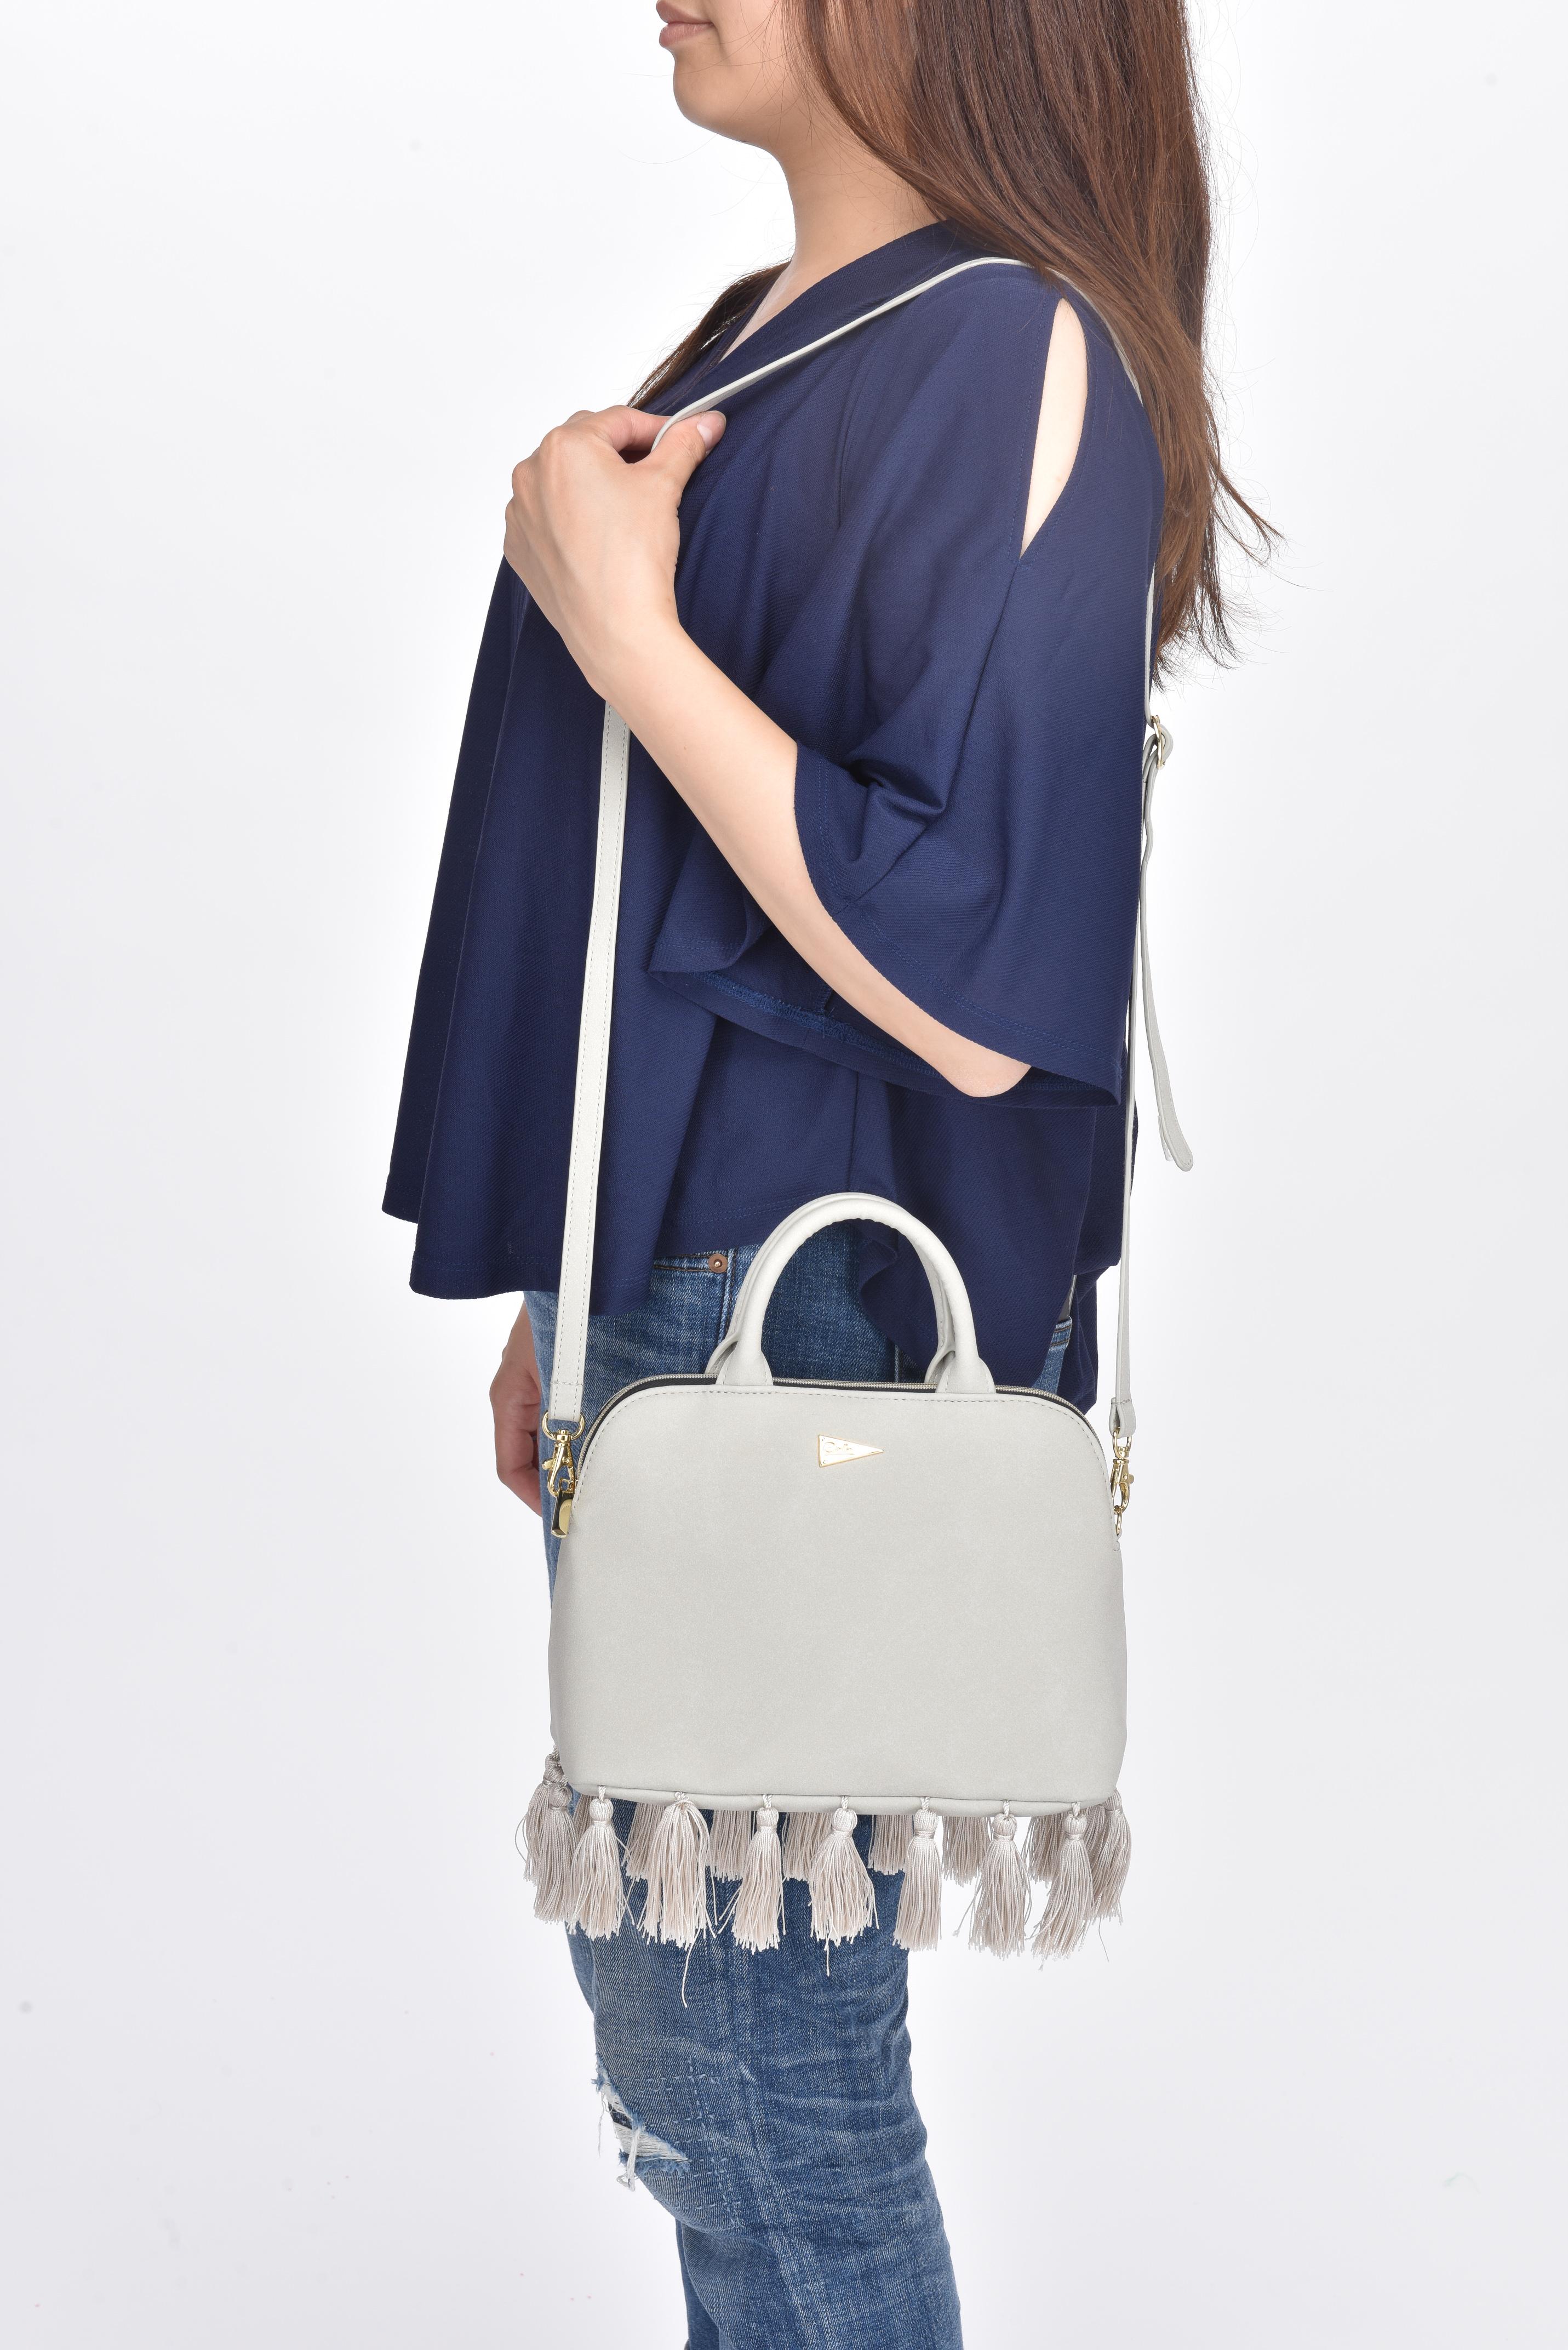 Tassel Shoulder Bag(Gray/Black)